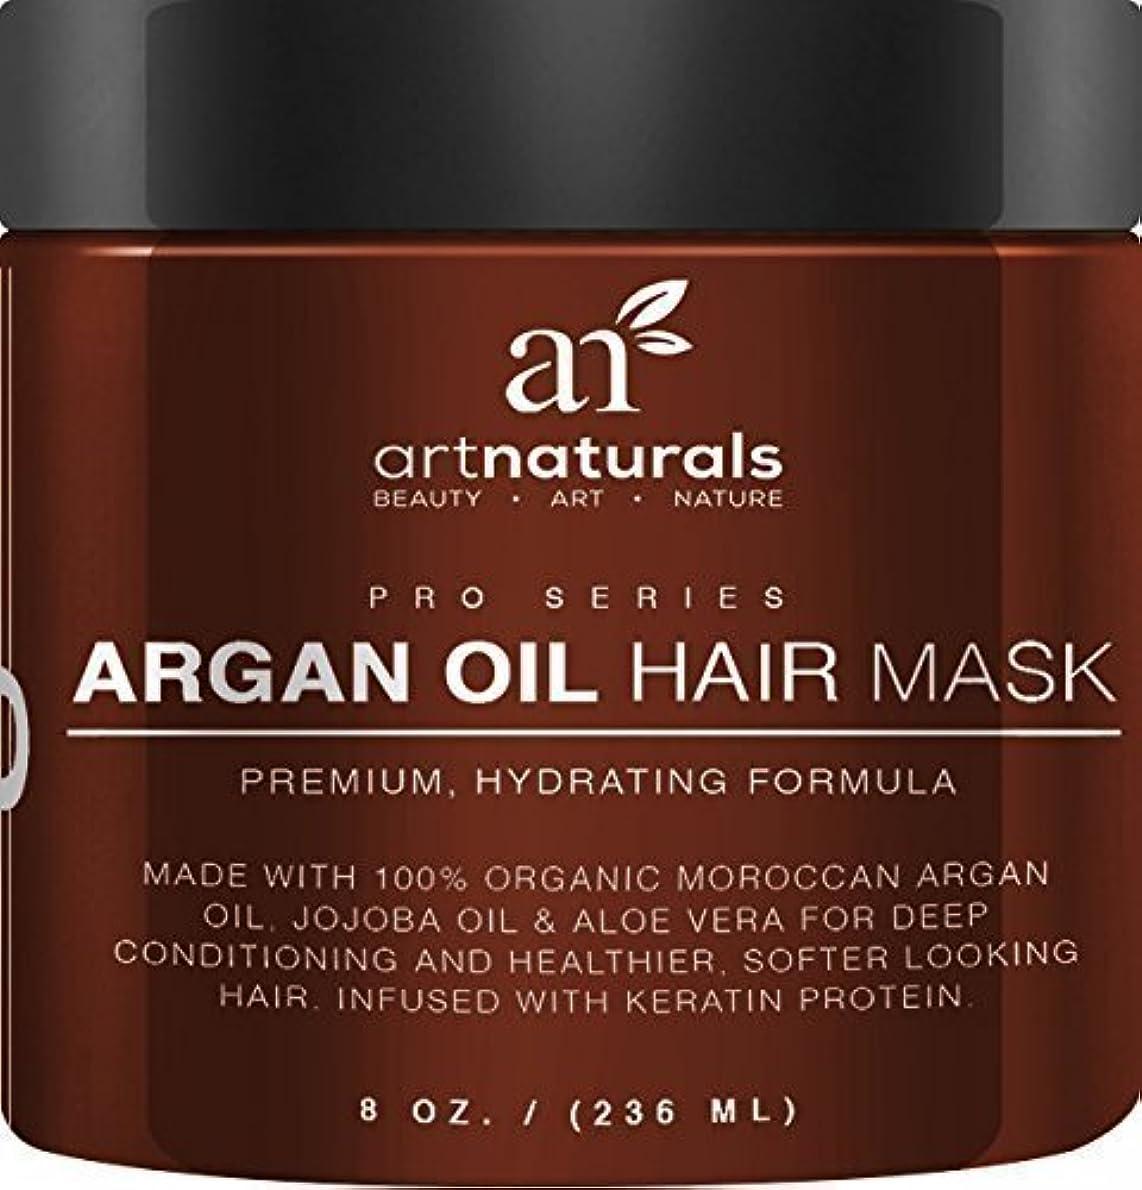 スポーツの試合を担当している人最後の始めるアメリカで売れている! アラガンオイル ヘアマスク  (Argan Oil Hair Mask, Deep Conditioner)(海外直送品) [並行輸入品]